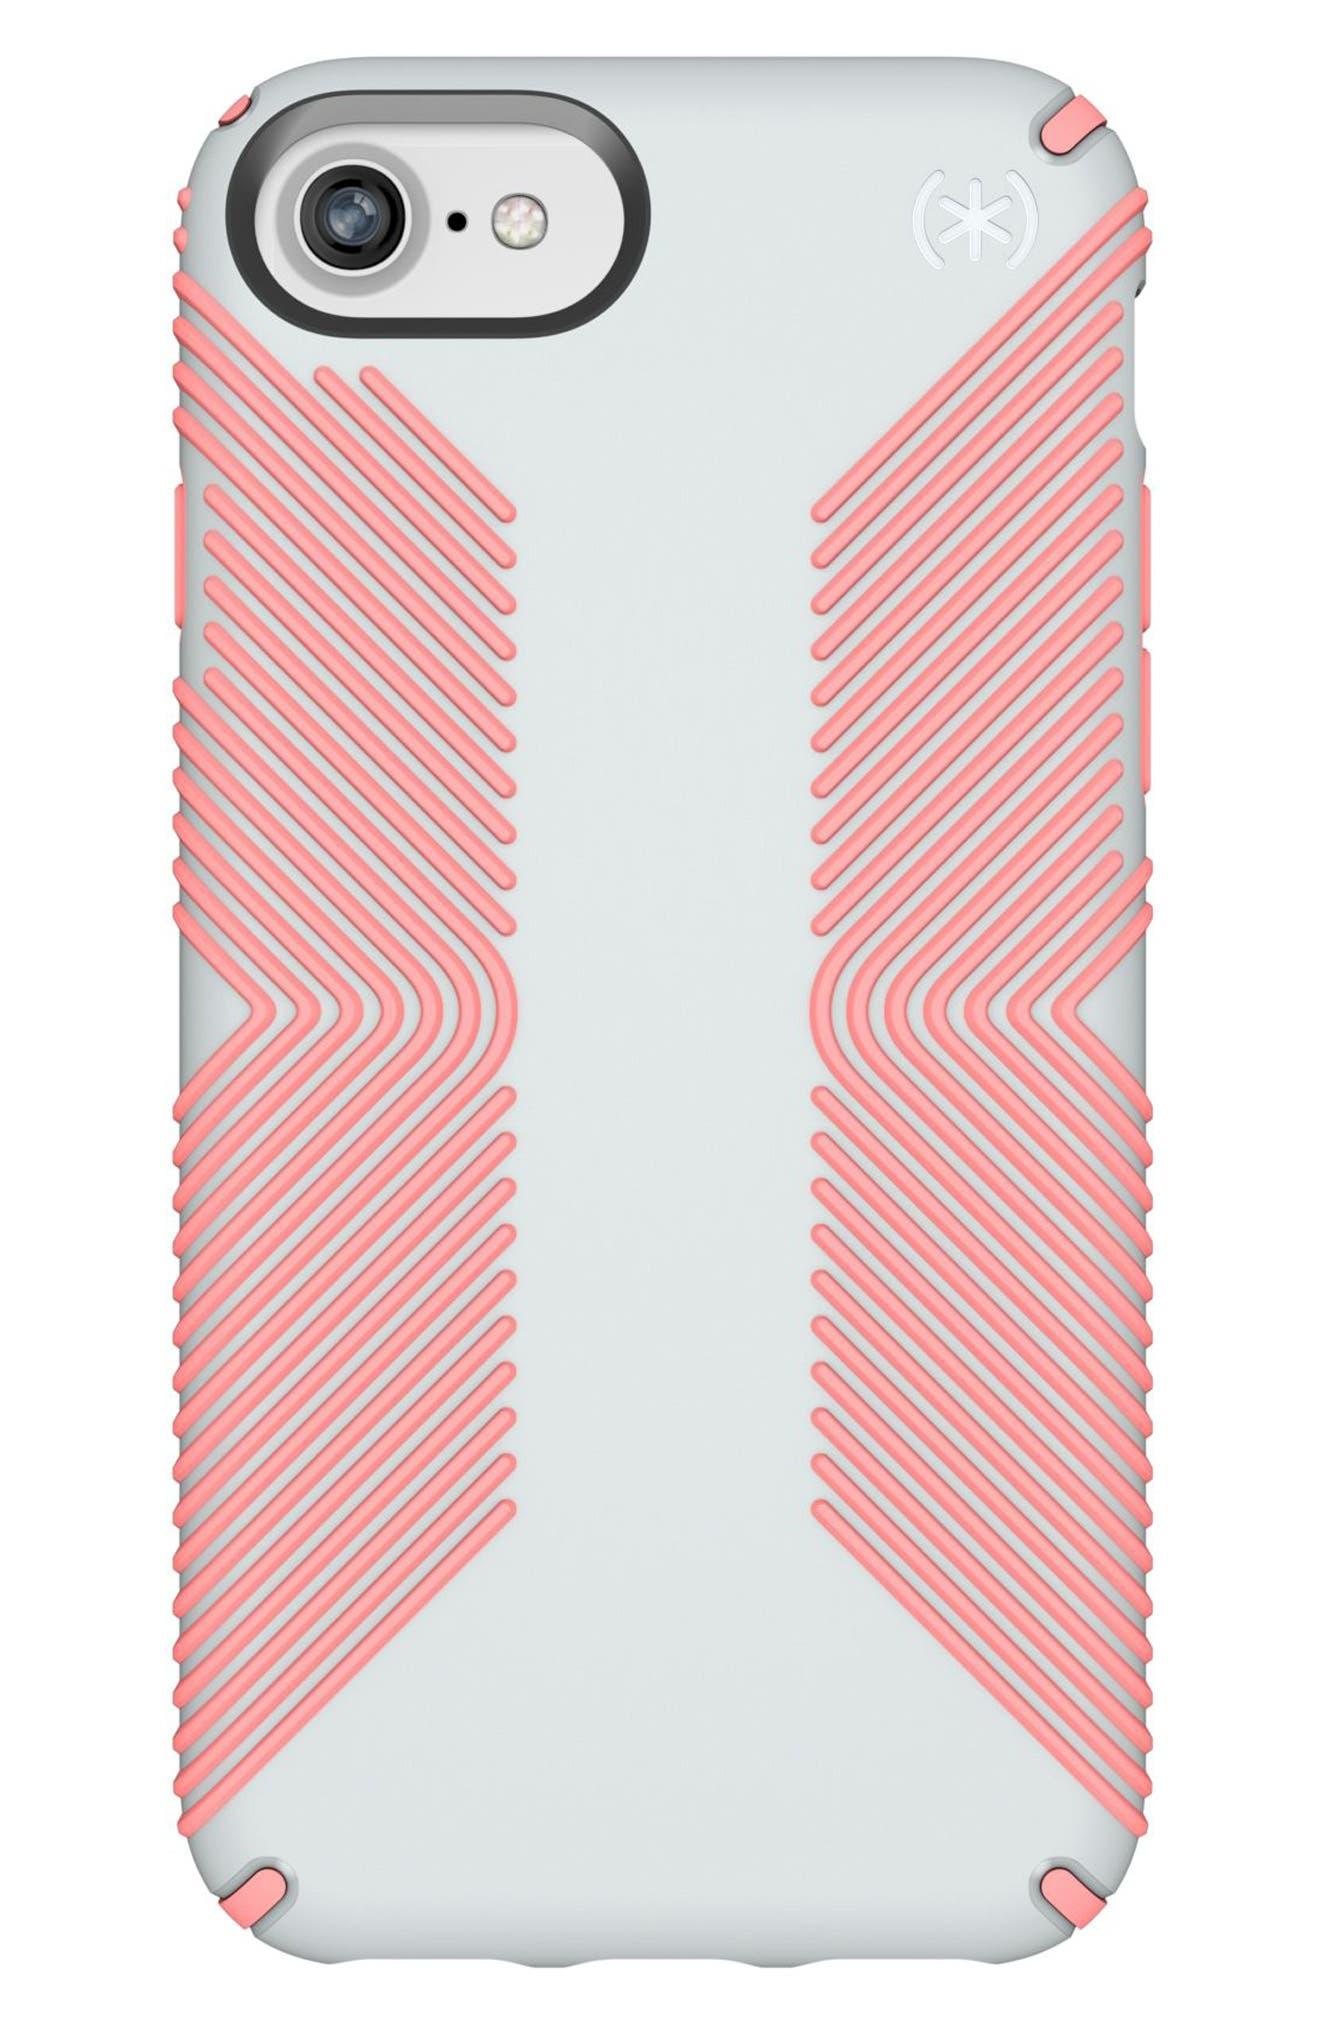 Grip iPhone 6/6s/7/8 Case,                             Main thumbnail 1, color,                             020